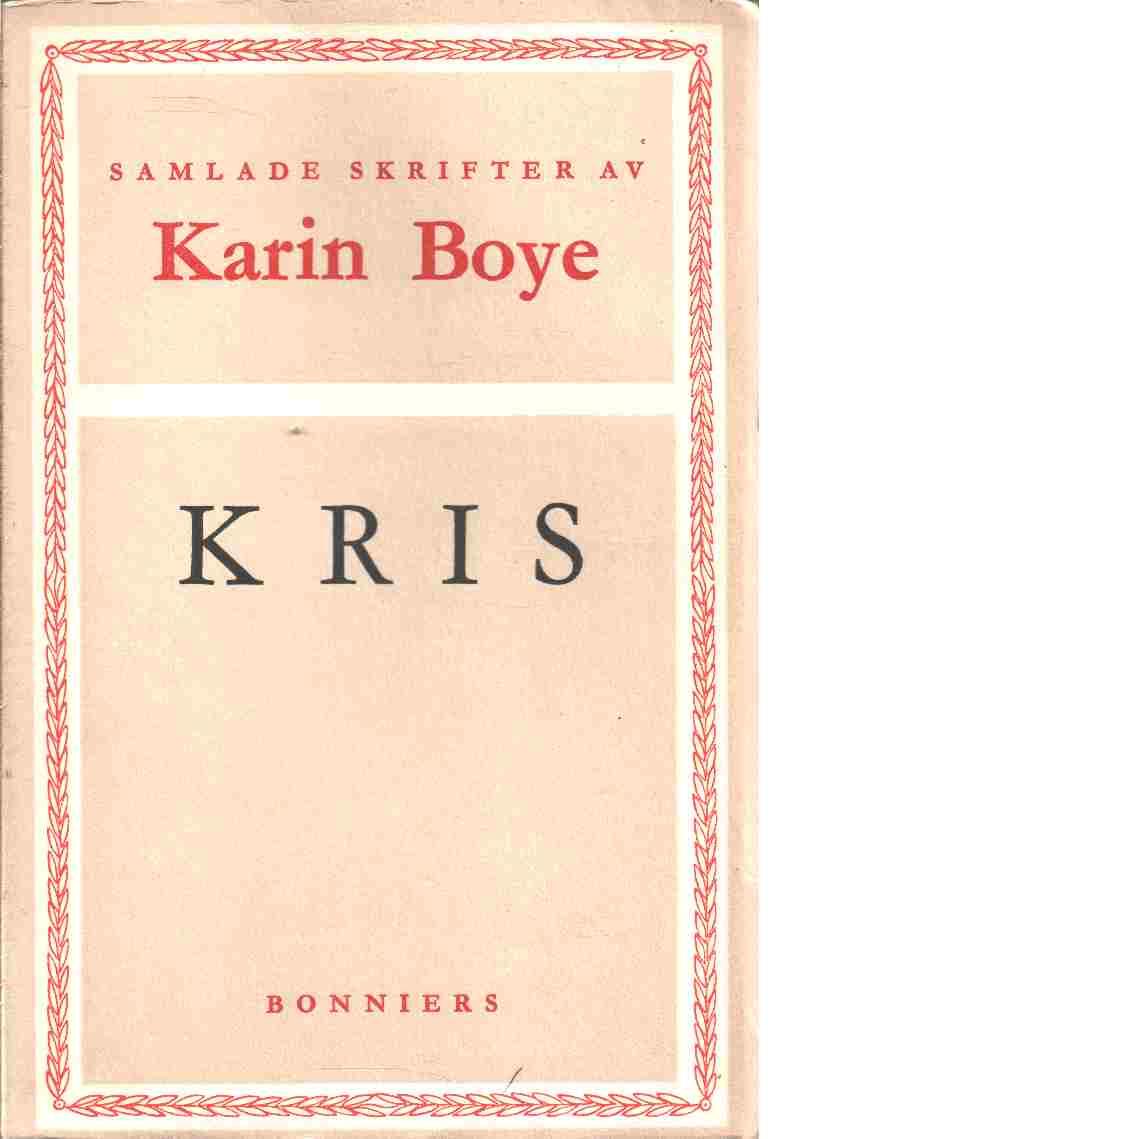 Kris - Boye, Karin